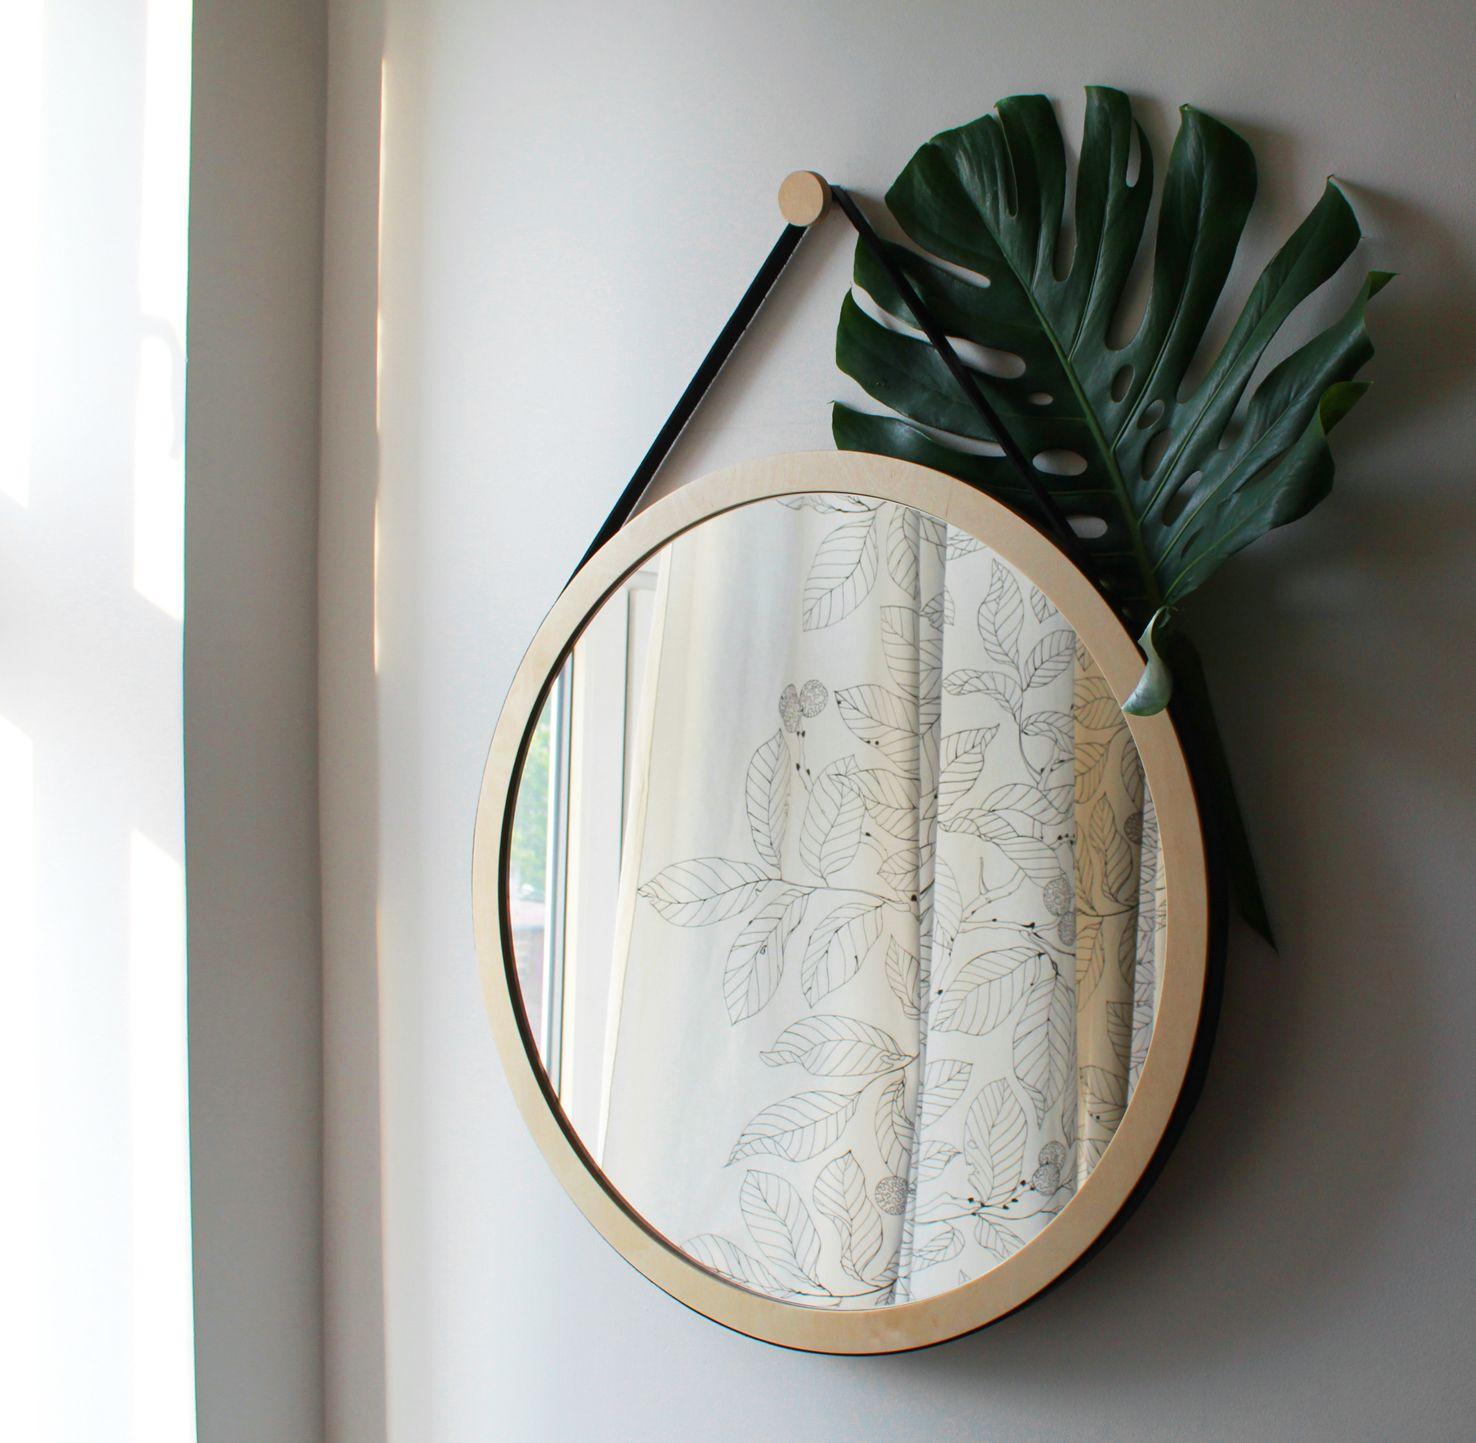 Woodoo People Lustro Na Pasku No 2 Ladnerzeczy Targirzeczyladnych Ladnerzeczydziejasiewinternecie Polishdesign Design Mirror Table Mirror Decor Mirror